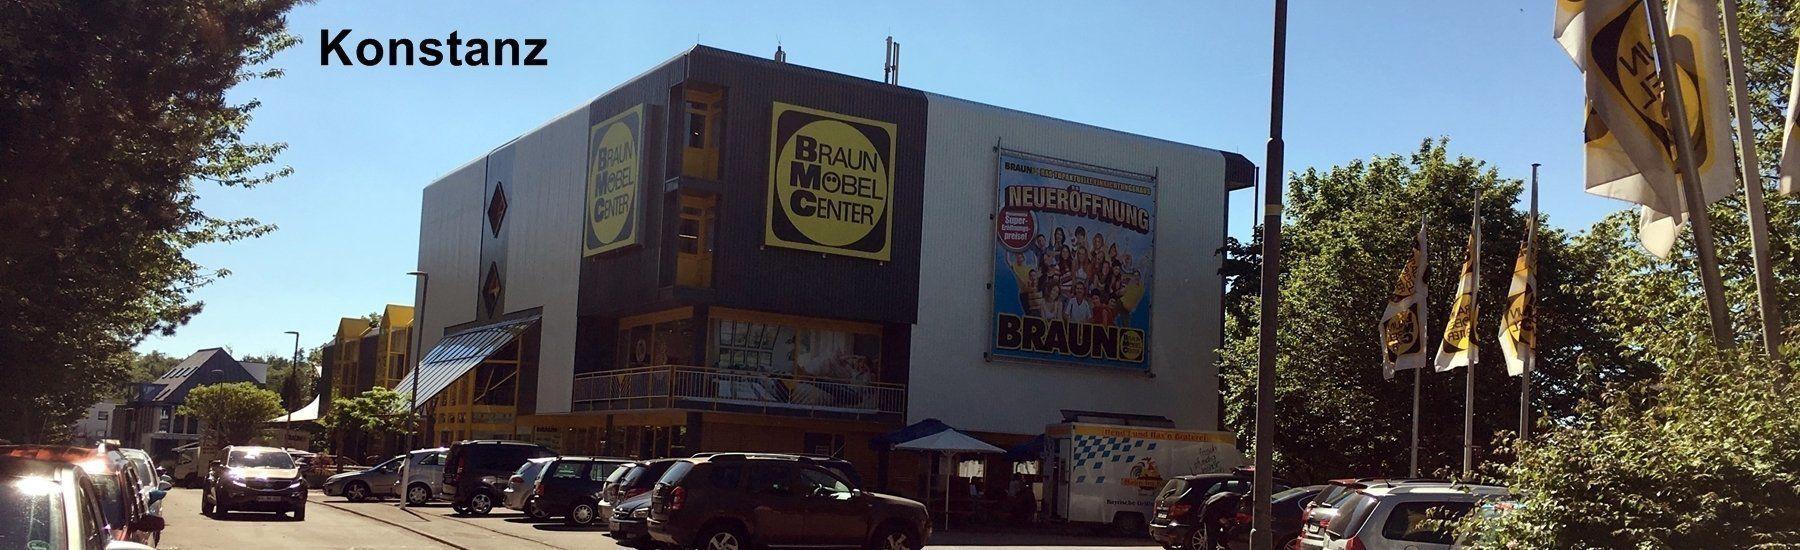 Ausbildung Braun Möbel Center Gmbh Co Kg Freie Ausbildungsplätze